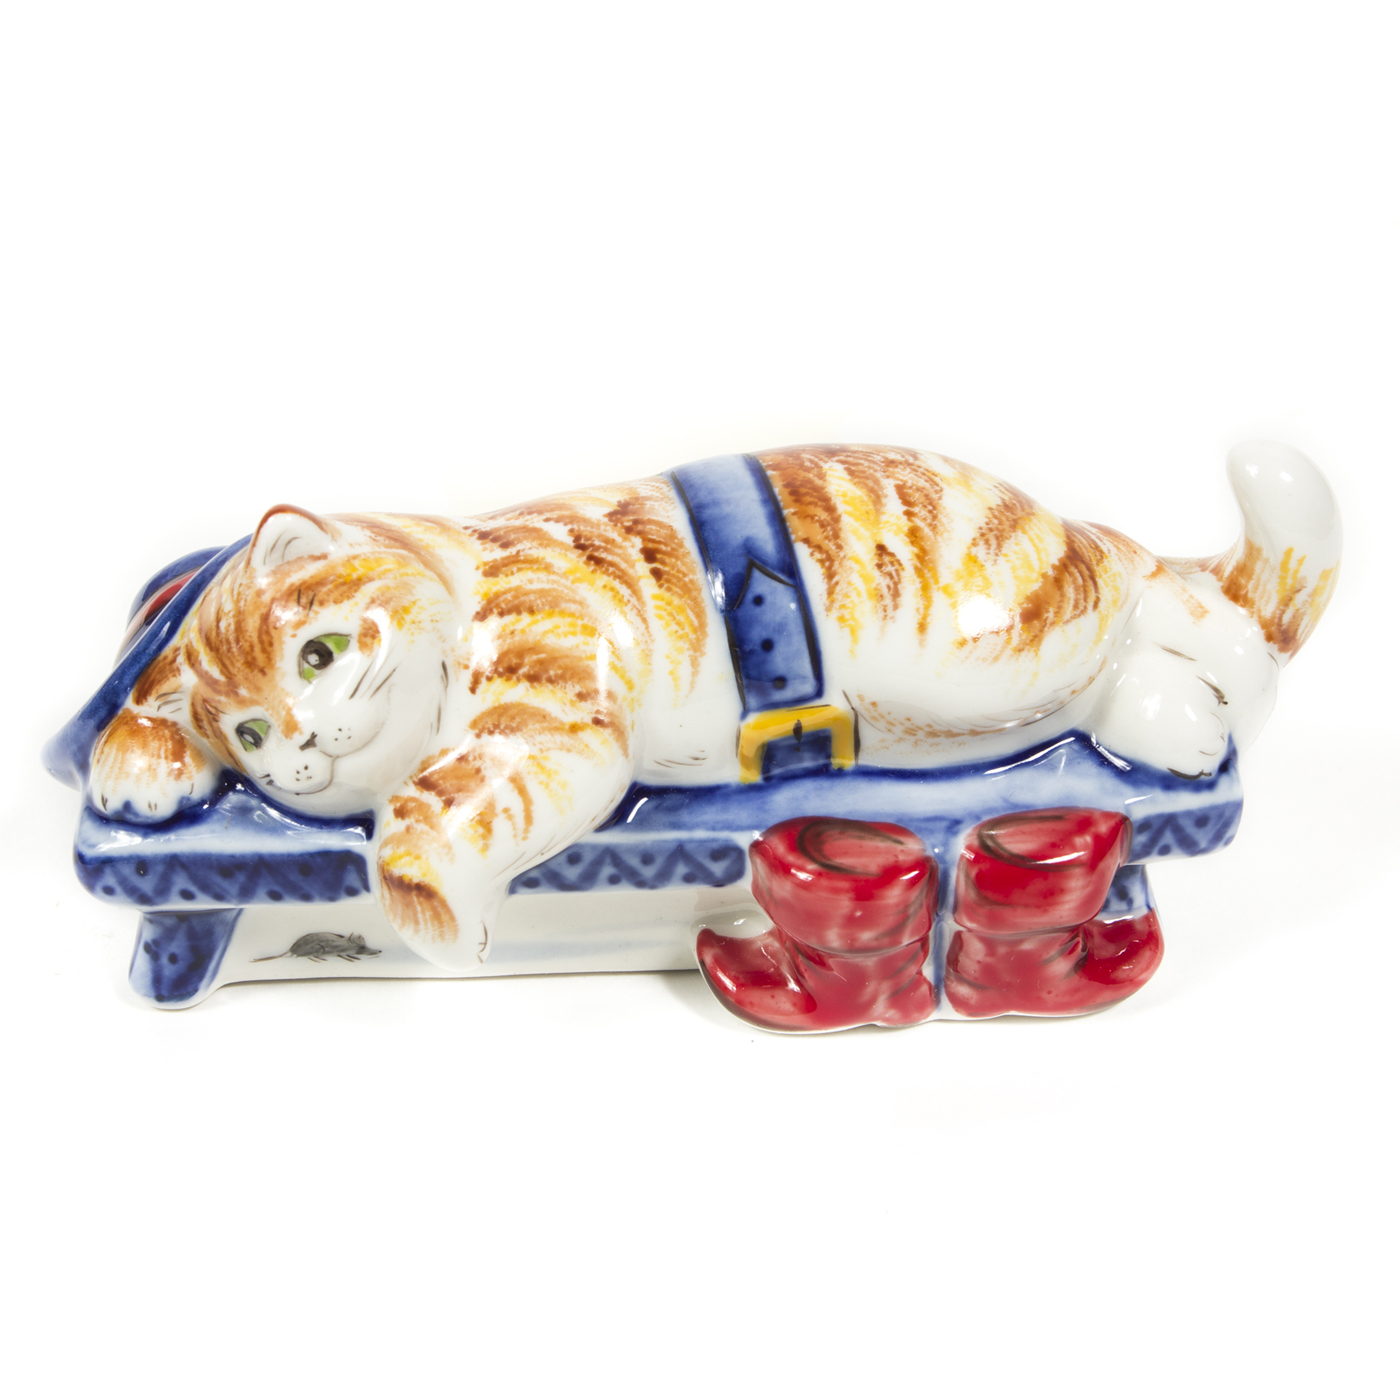 Скульптура «Кот в сапогах» в красках